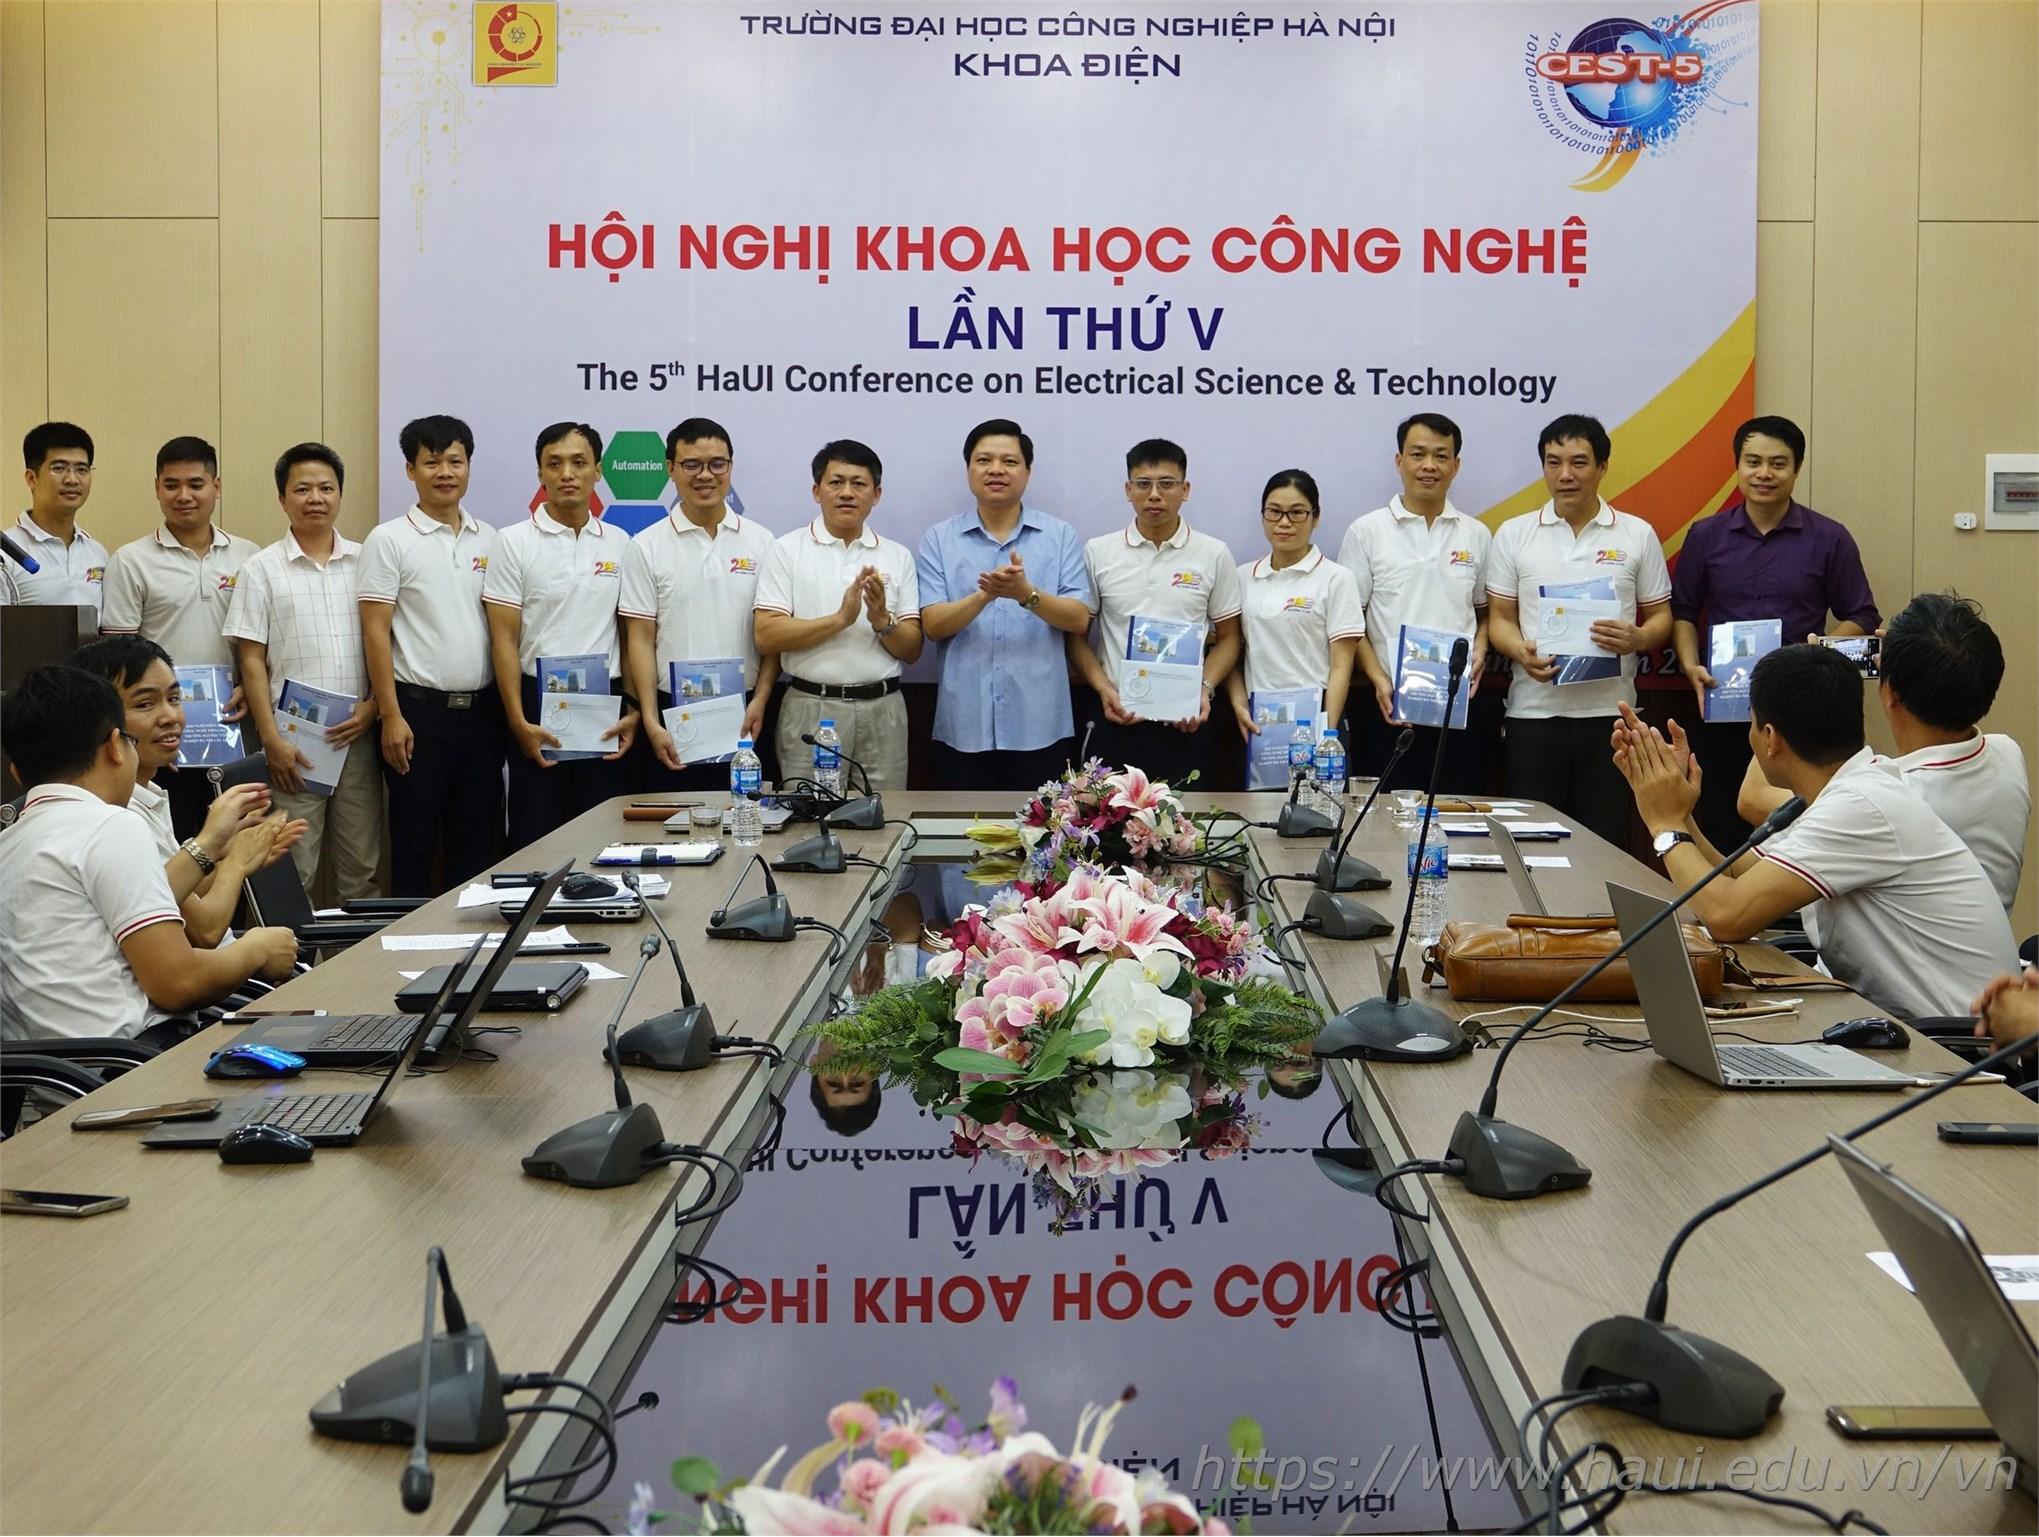 PGS.TS.Phạm Văn Đông – Trưởng phòng Khoa học Công nghệ chúc mừng Hội nghị Khoa học công nghệ lần thứ V của khoa Điện